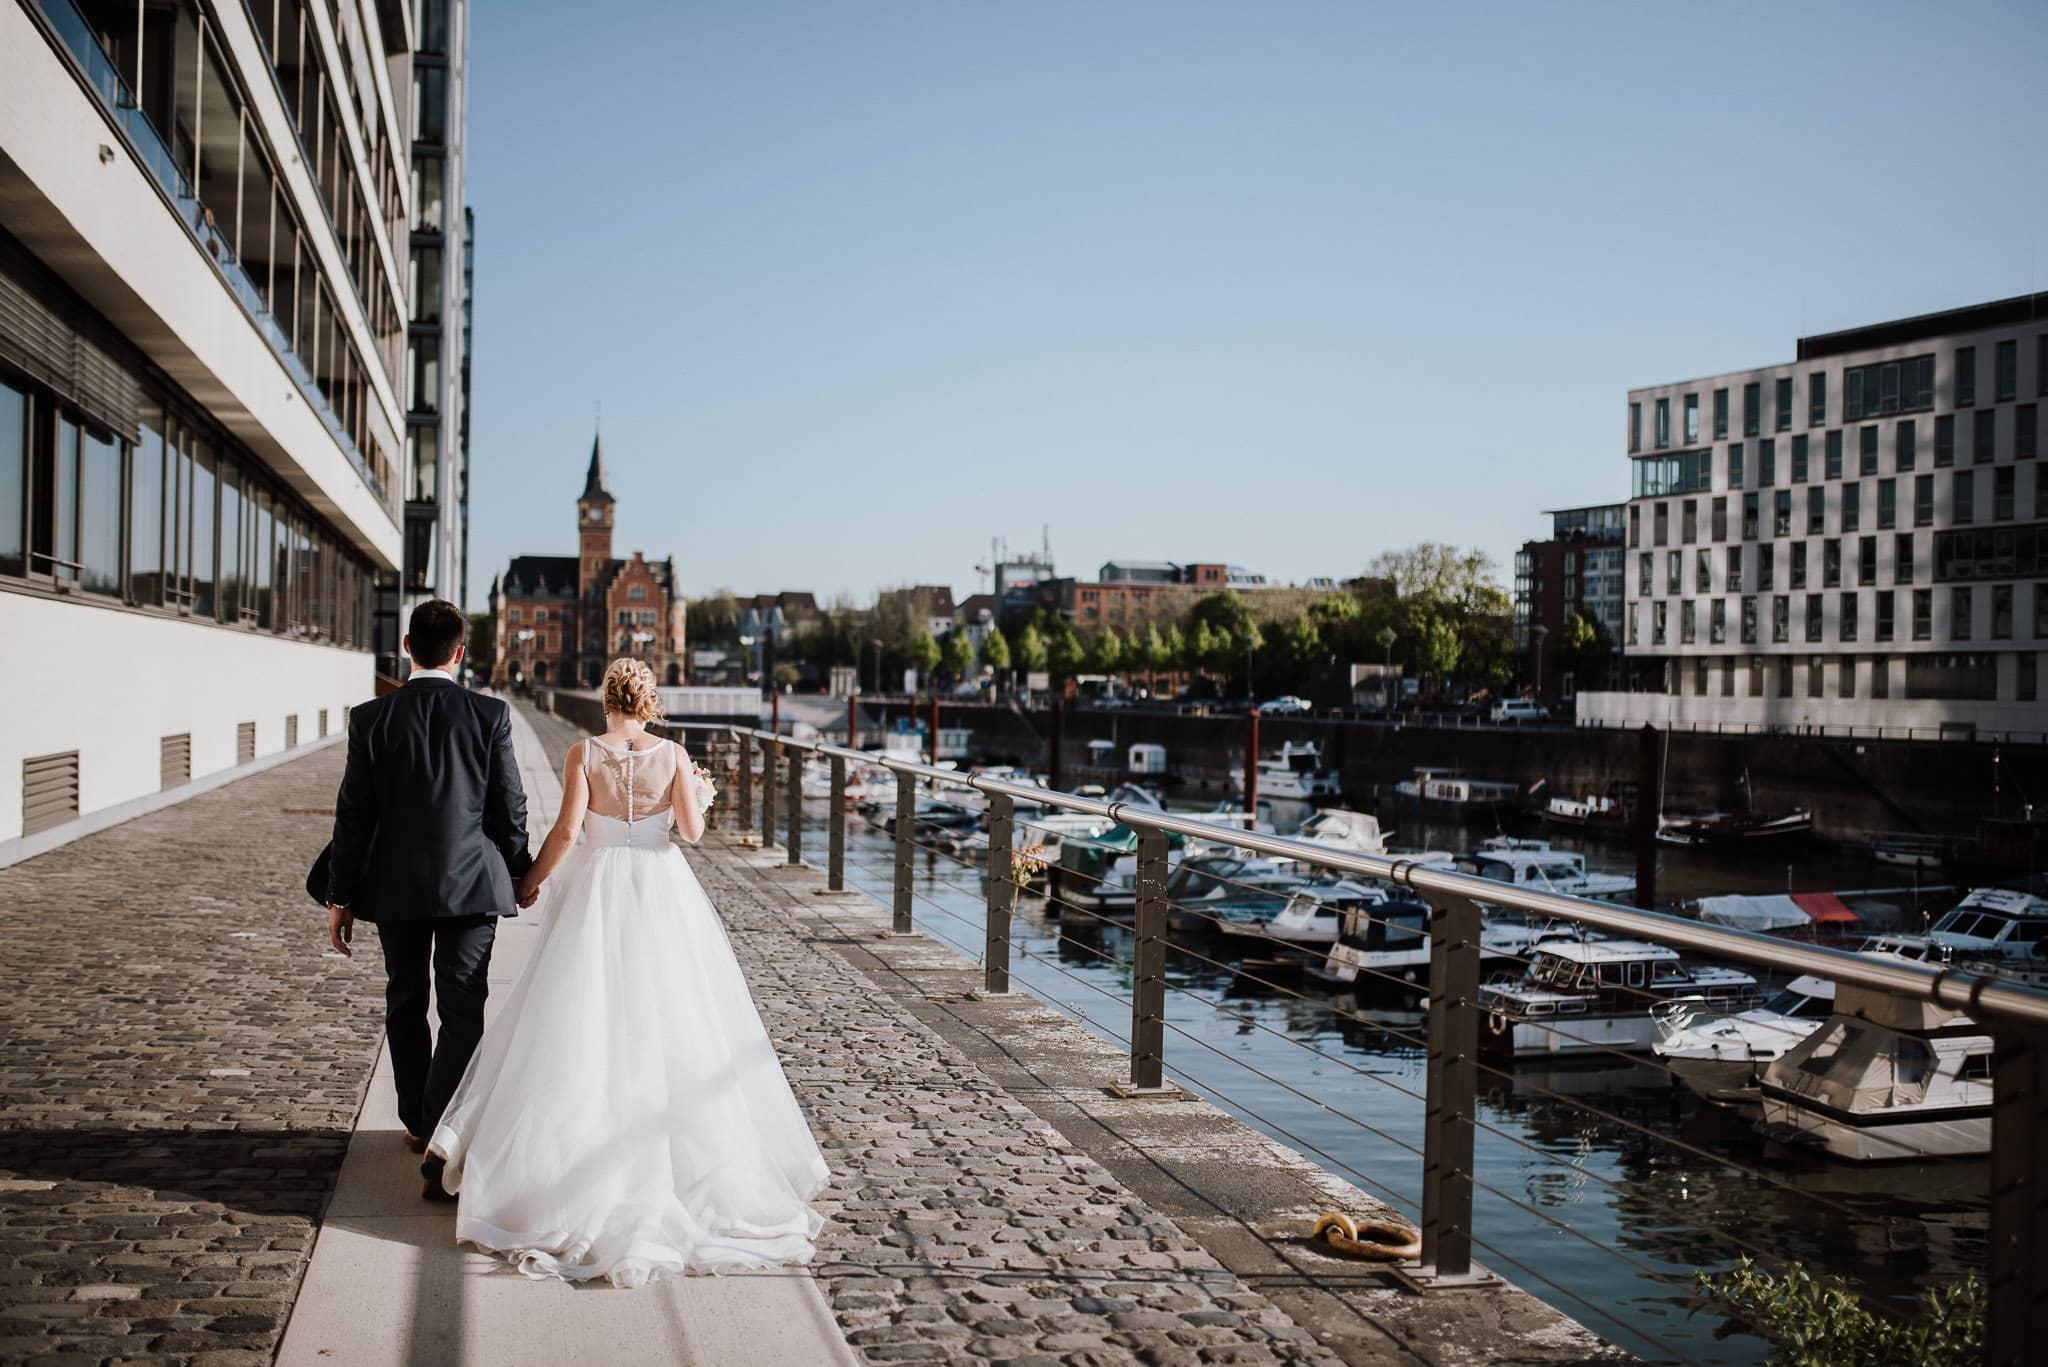 Hochzeit Schokoladenmuseum Hochzeitsfotograf Koln Hochzeitsfotograf